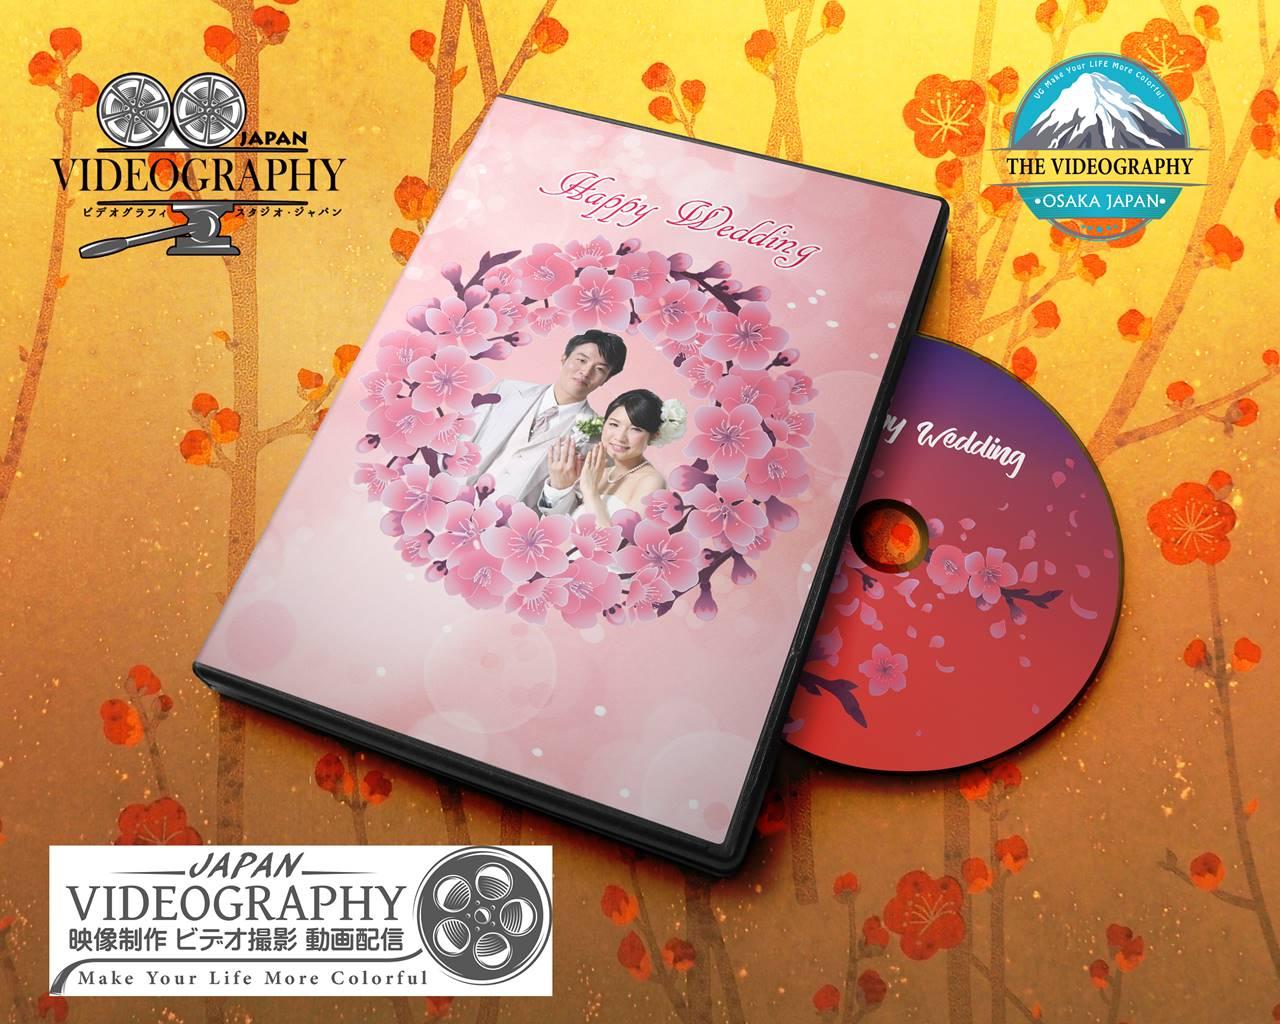 春の結婚式シーズンに相応しい桜舞い散るDVDデザイン